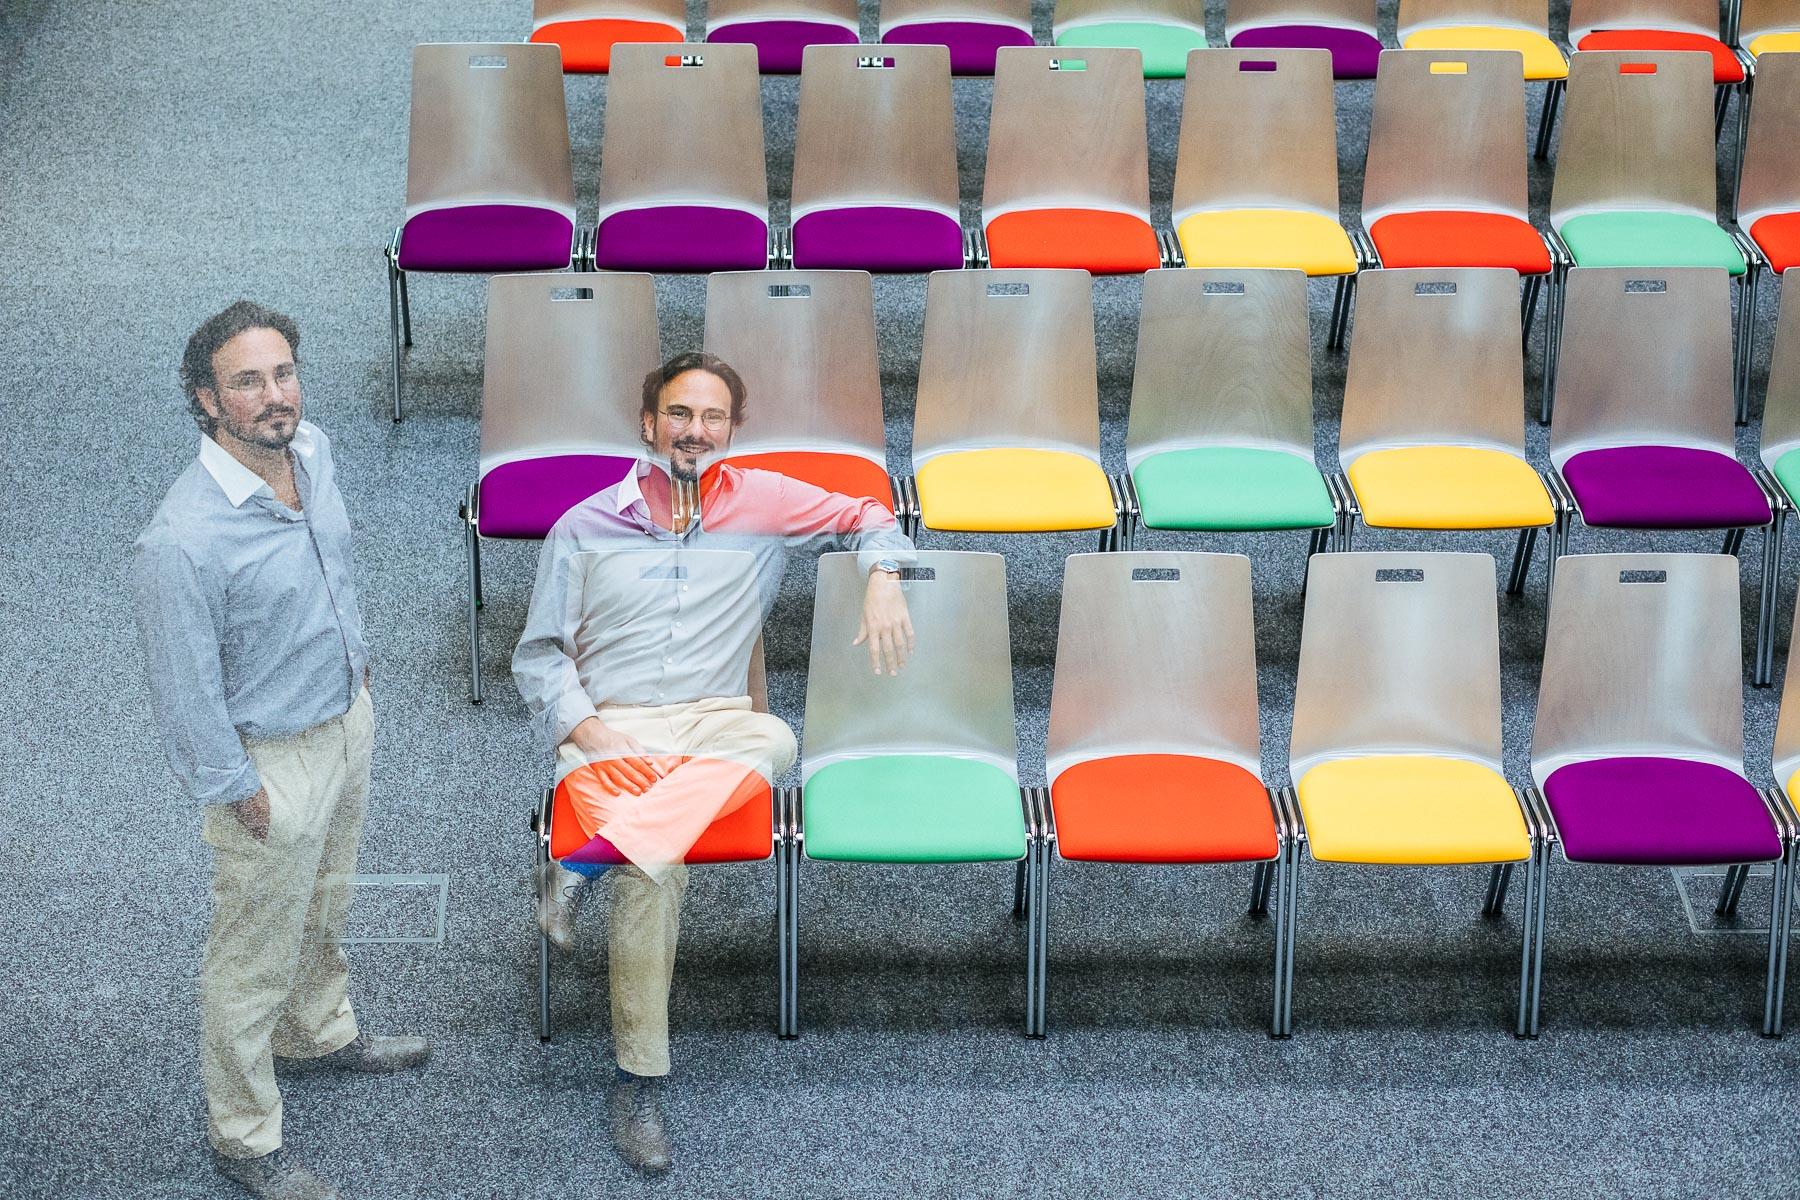 Doppelbelichtung von Dr.. Bruno Gransche auf bunten Stühlen